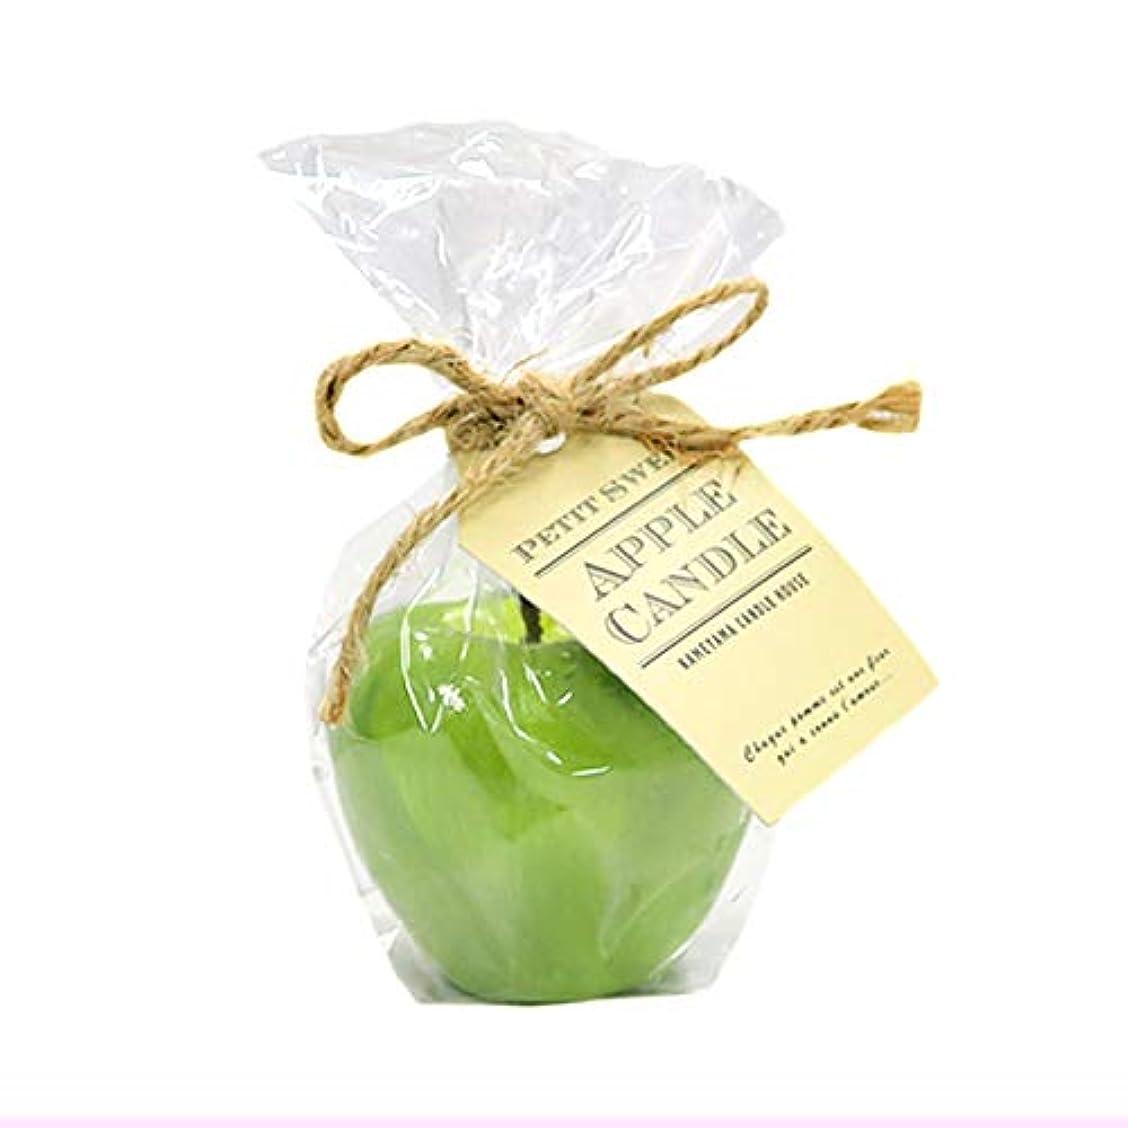 マダム神社そのようなカメヤマキャンドルハウス プチスイートアップルフローティングキャンドル グリーン アップルの香りつき